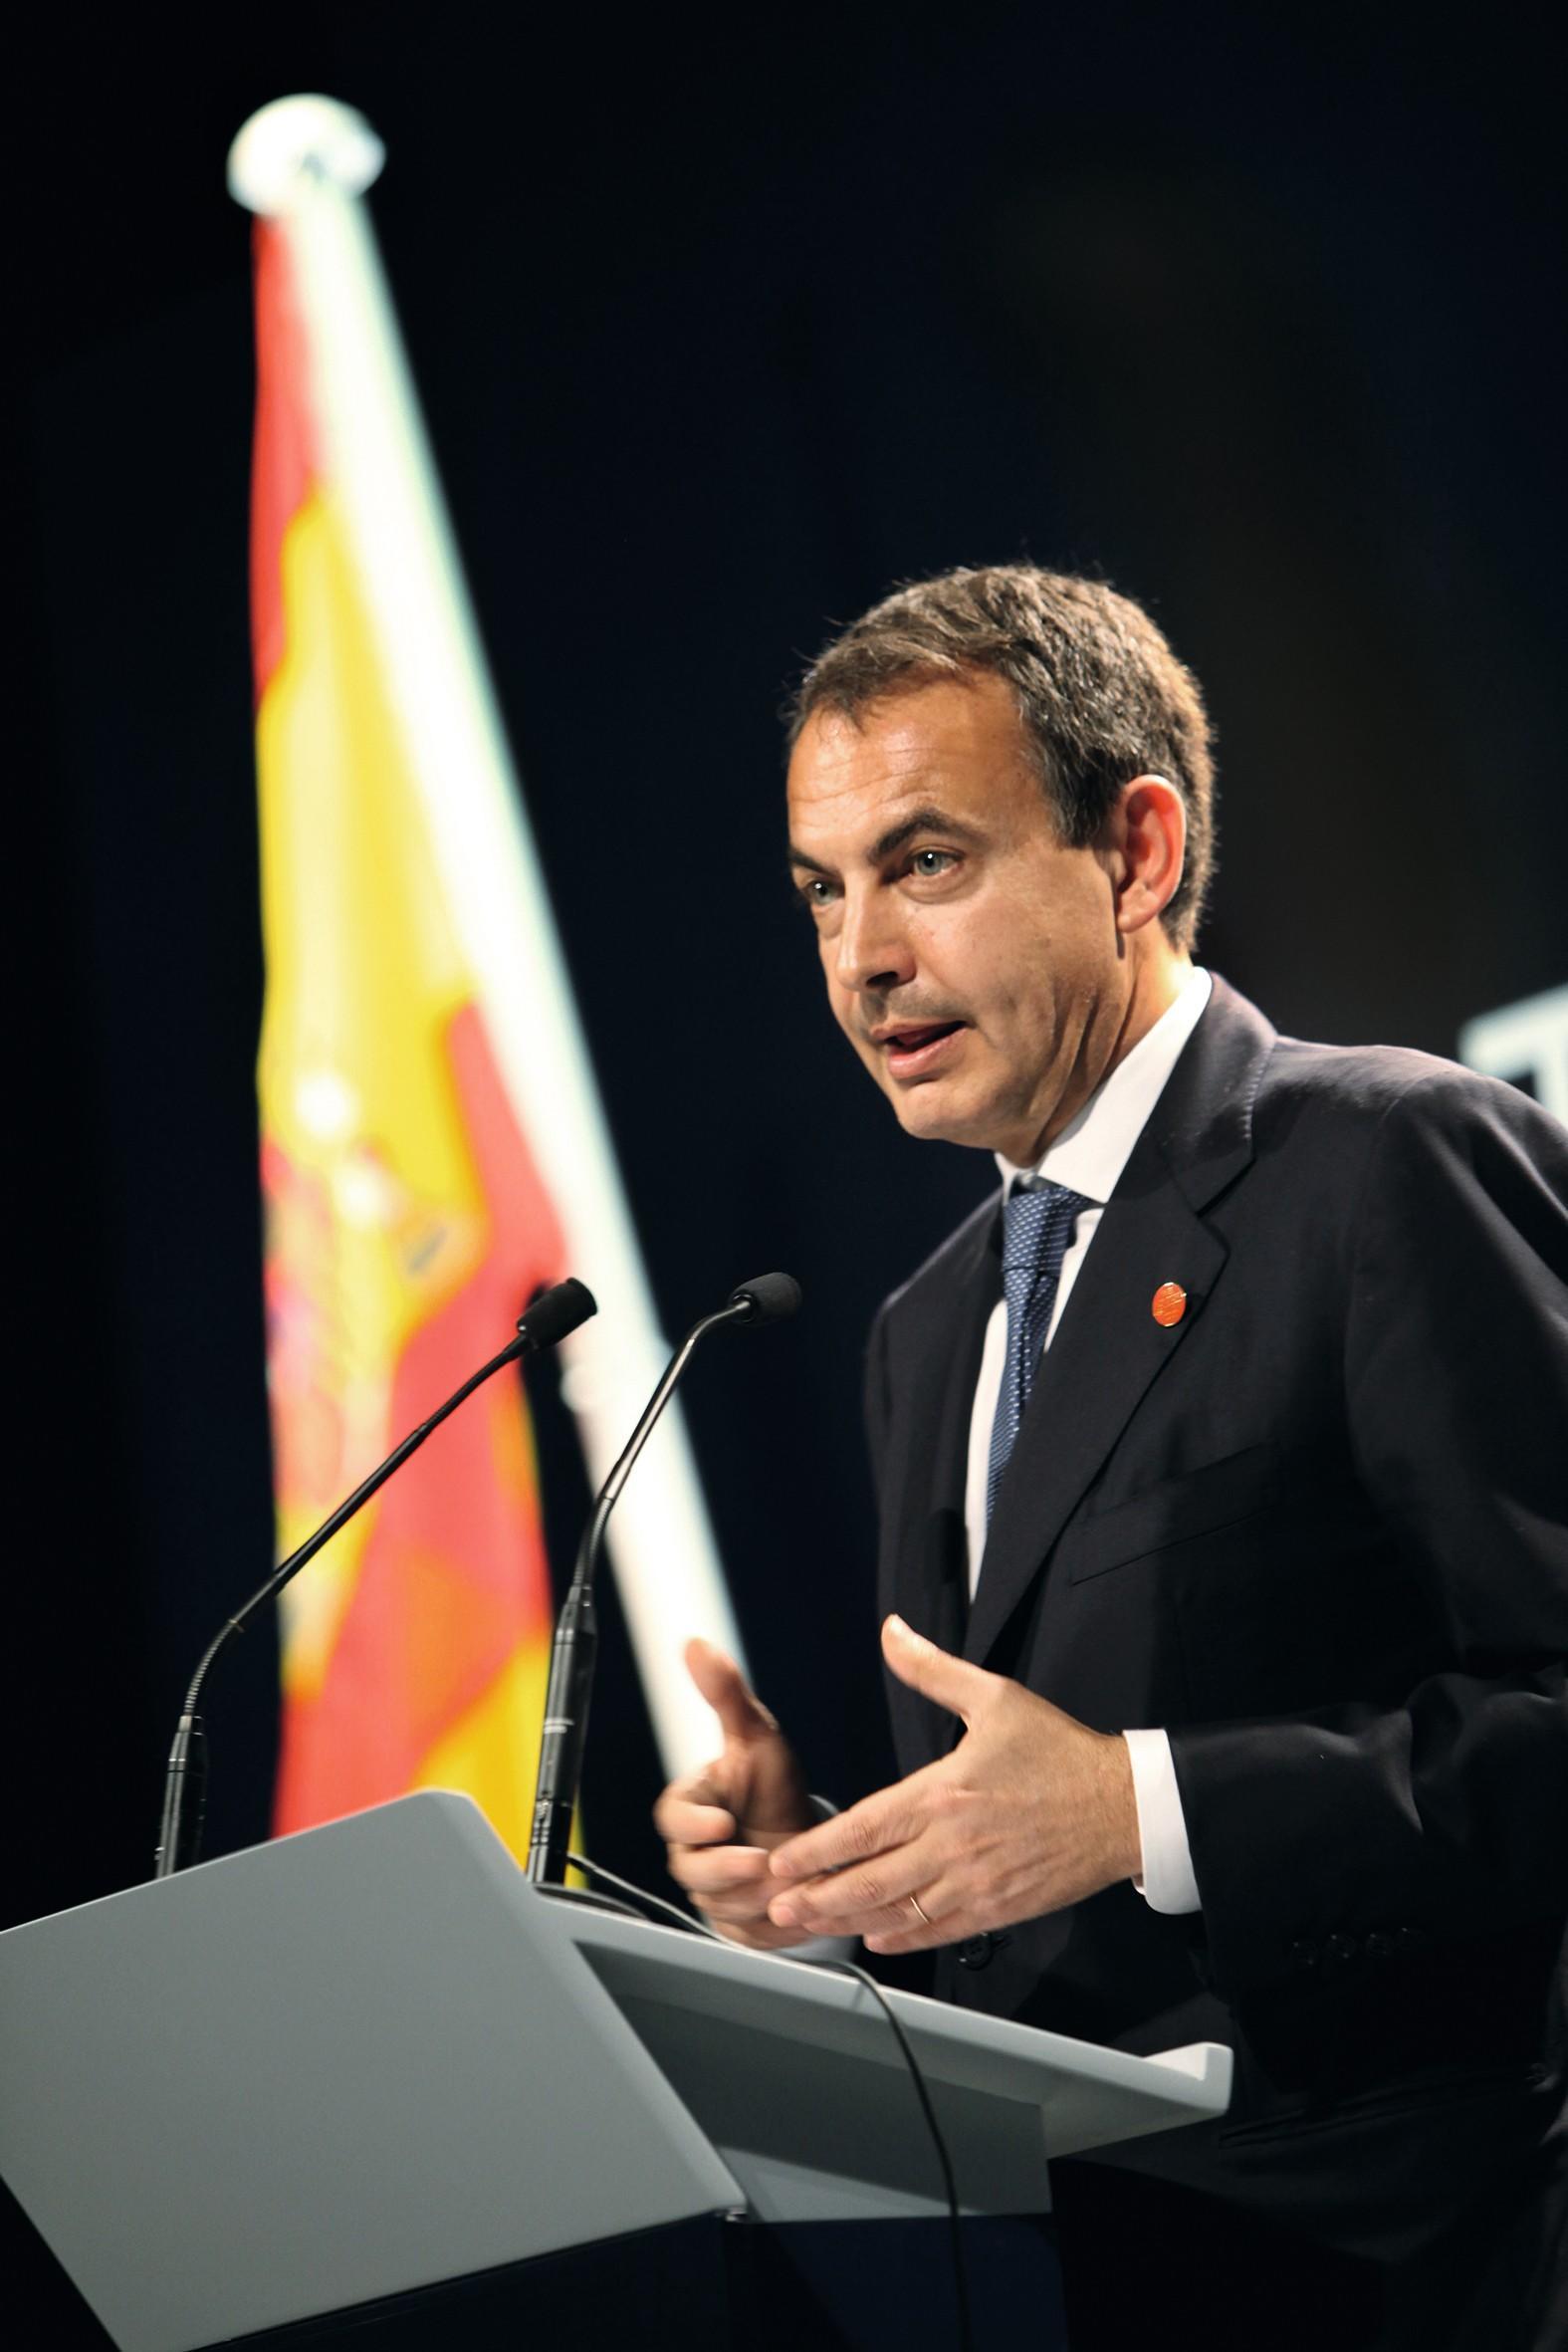 El antiguo Primer ministro español José Luis Rodríguez Zapatero, 2009.o